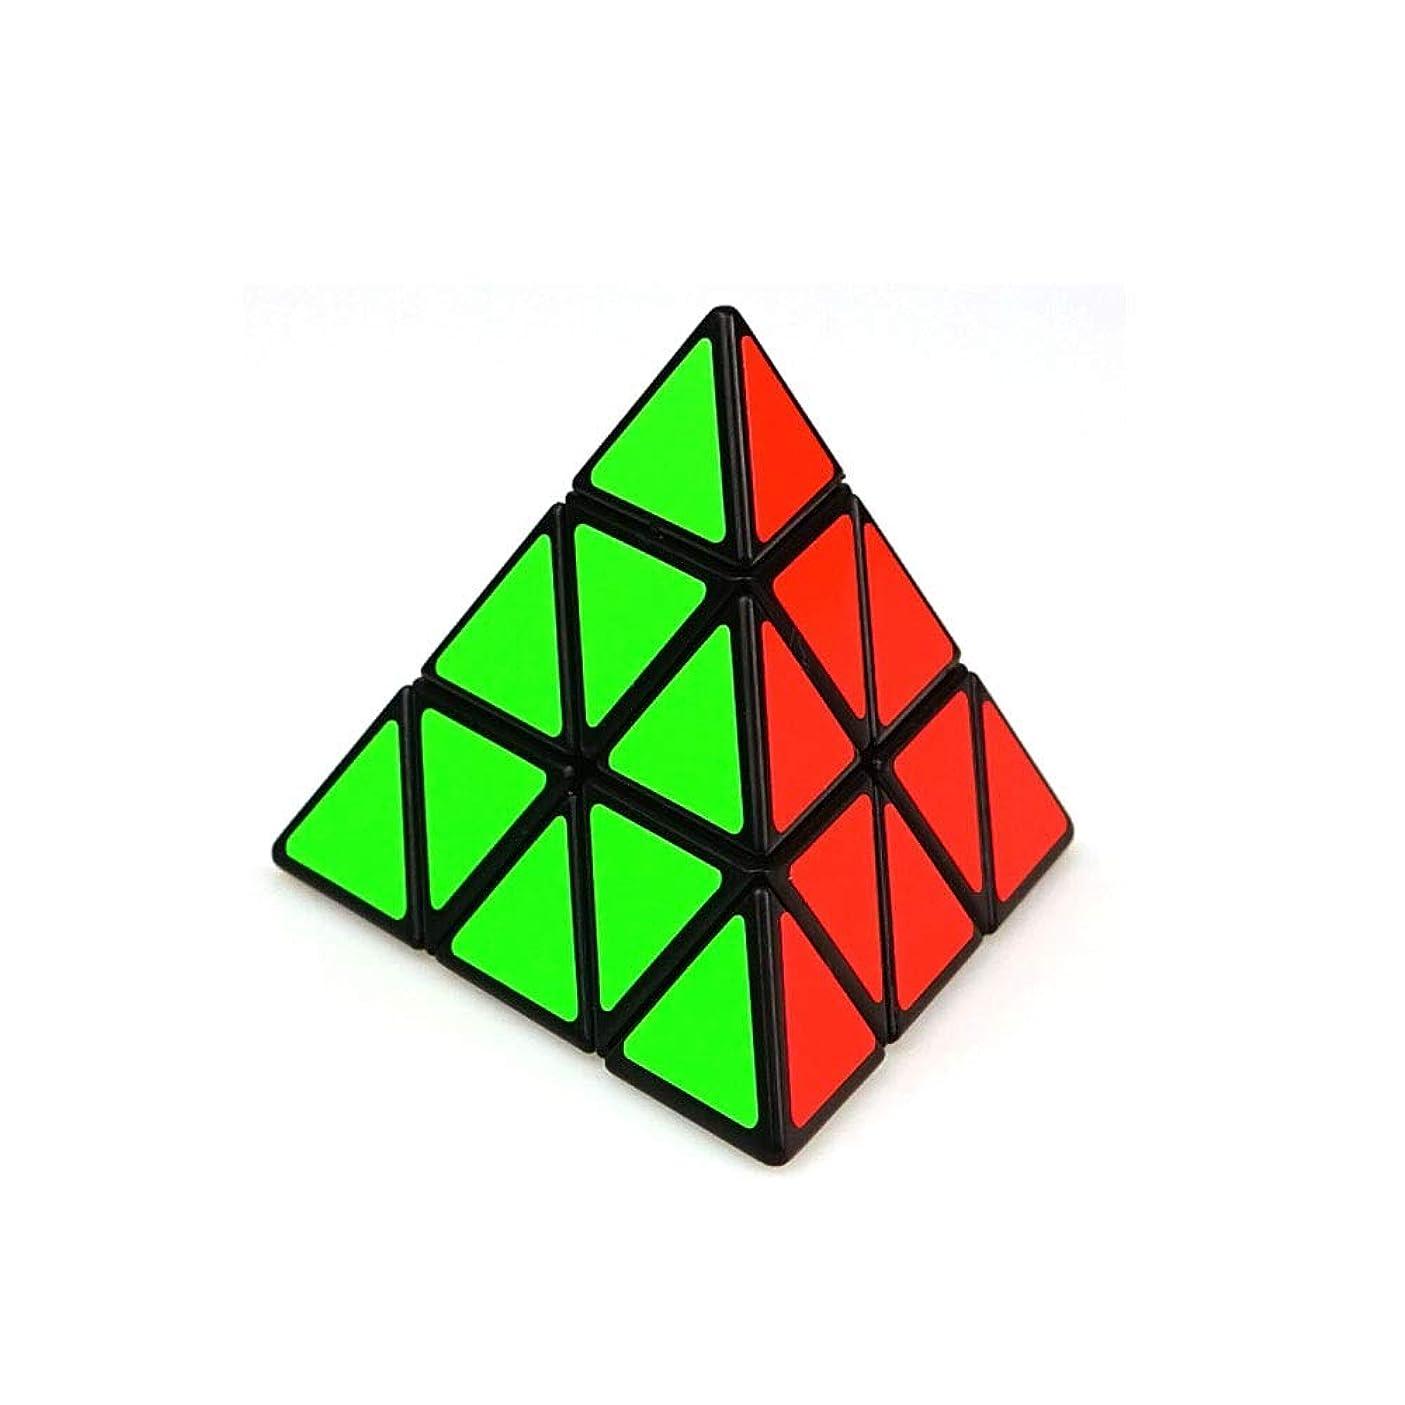 マウントバンク兄本質的ではないHongyushanghang ルービックキューブ、3次スタイルデザイン、安全で環境にやさしいデザイン、ギフトとしてもお使いいただけます(三角) 使いやすい (Edition : Triangle)